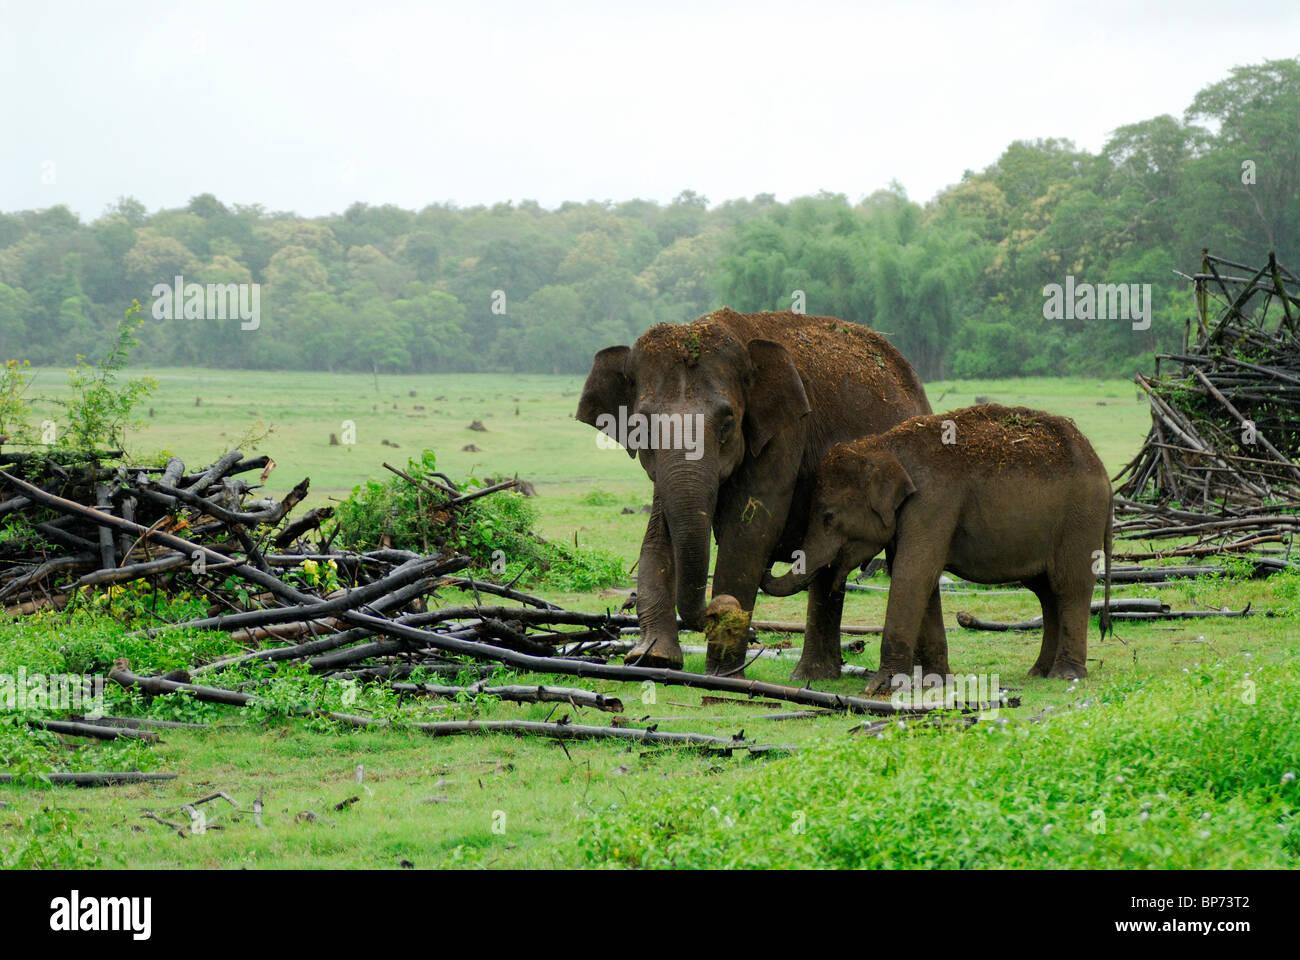 El elefante asiático (Elephas maximus), la madre y la pantorrilla. Kabini, Parque Nacional Nagarhole, India. Foto de stock